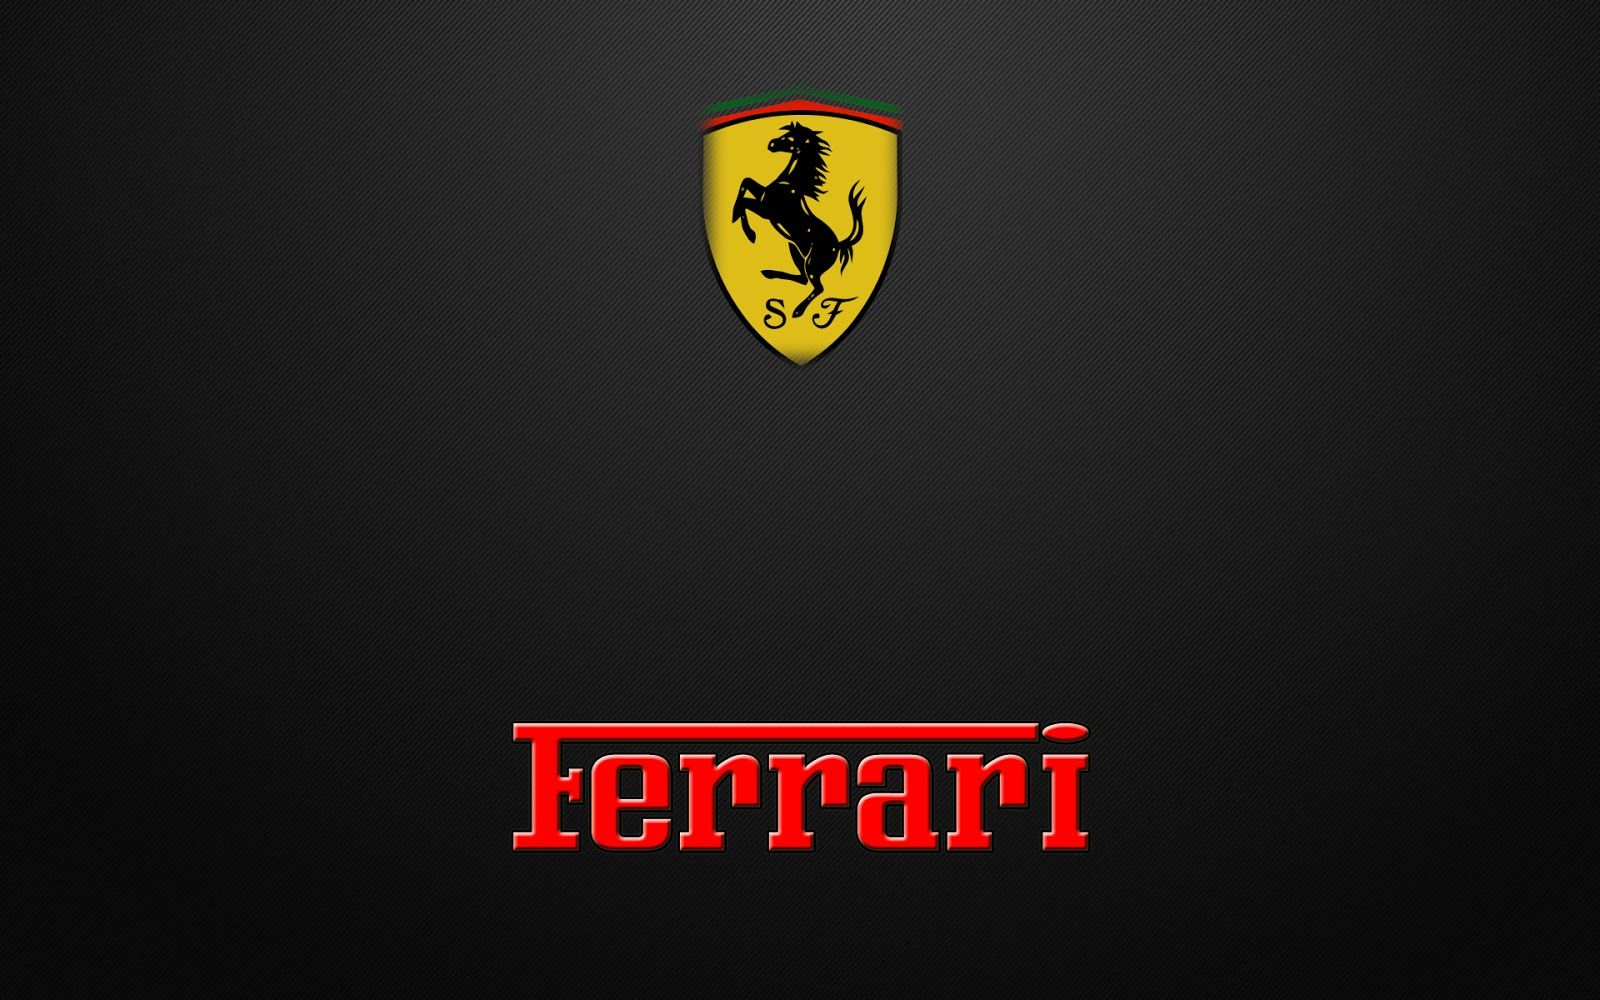 ferrari logo | car 車 | pinterest | ferrari